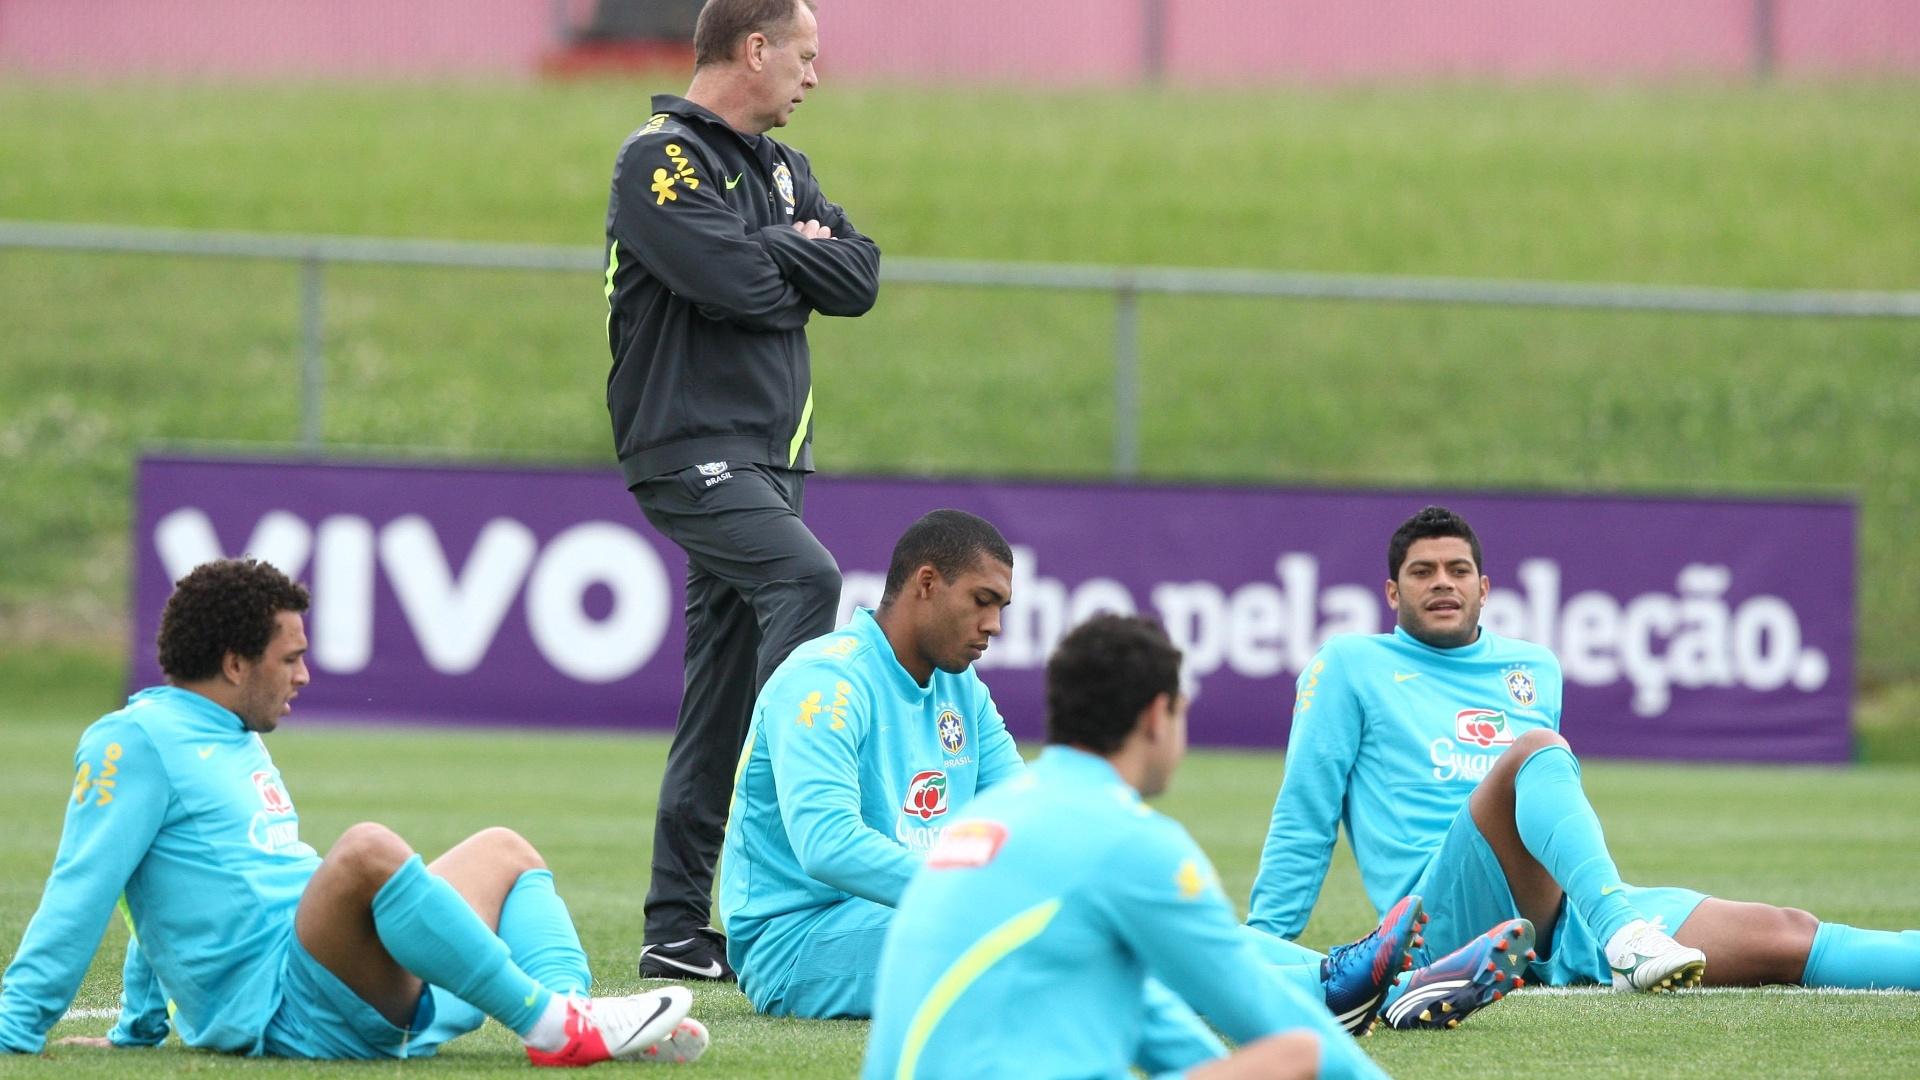 Jogadores da seleção brasileira ouvem as instruções do técnico Mano Menezes durante treino em Nova Jersey